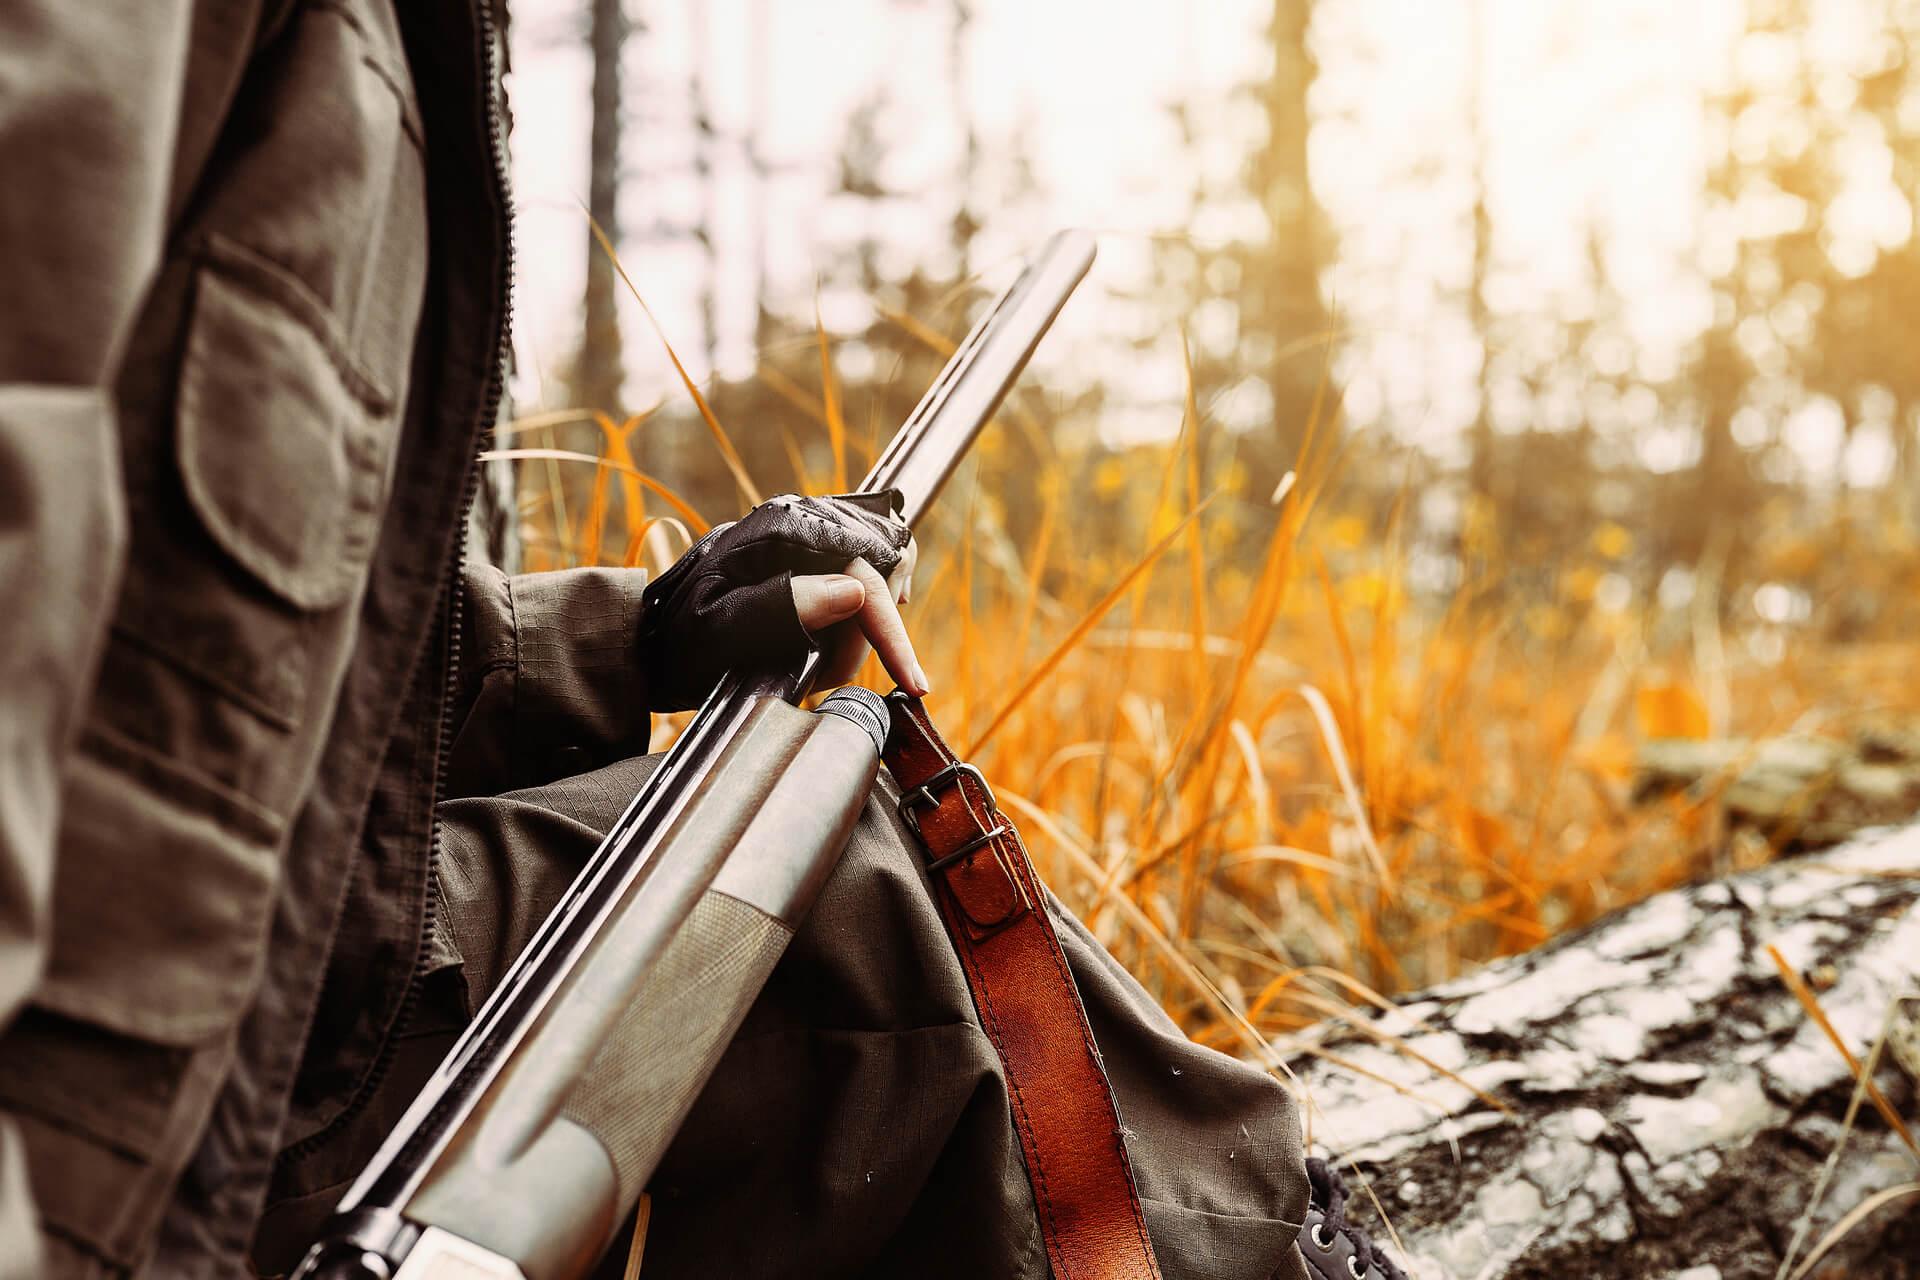 Caccia al cinghiale con fucile semiautomatico